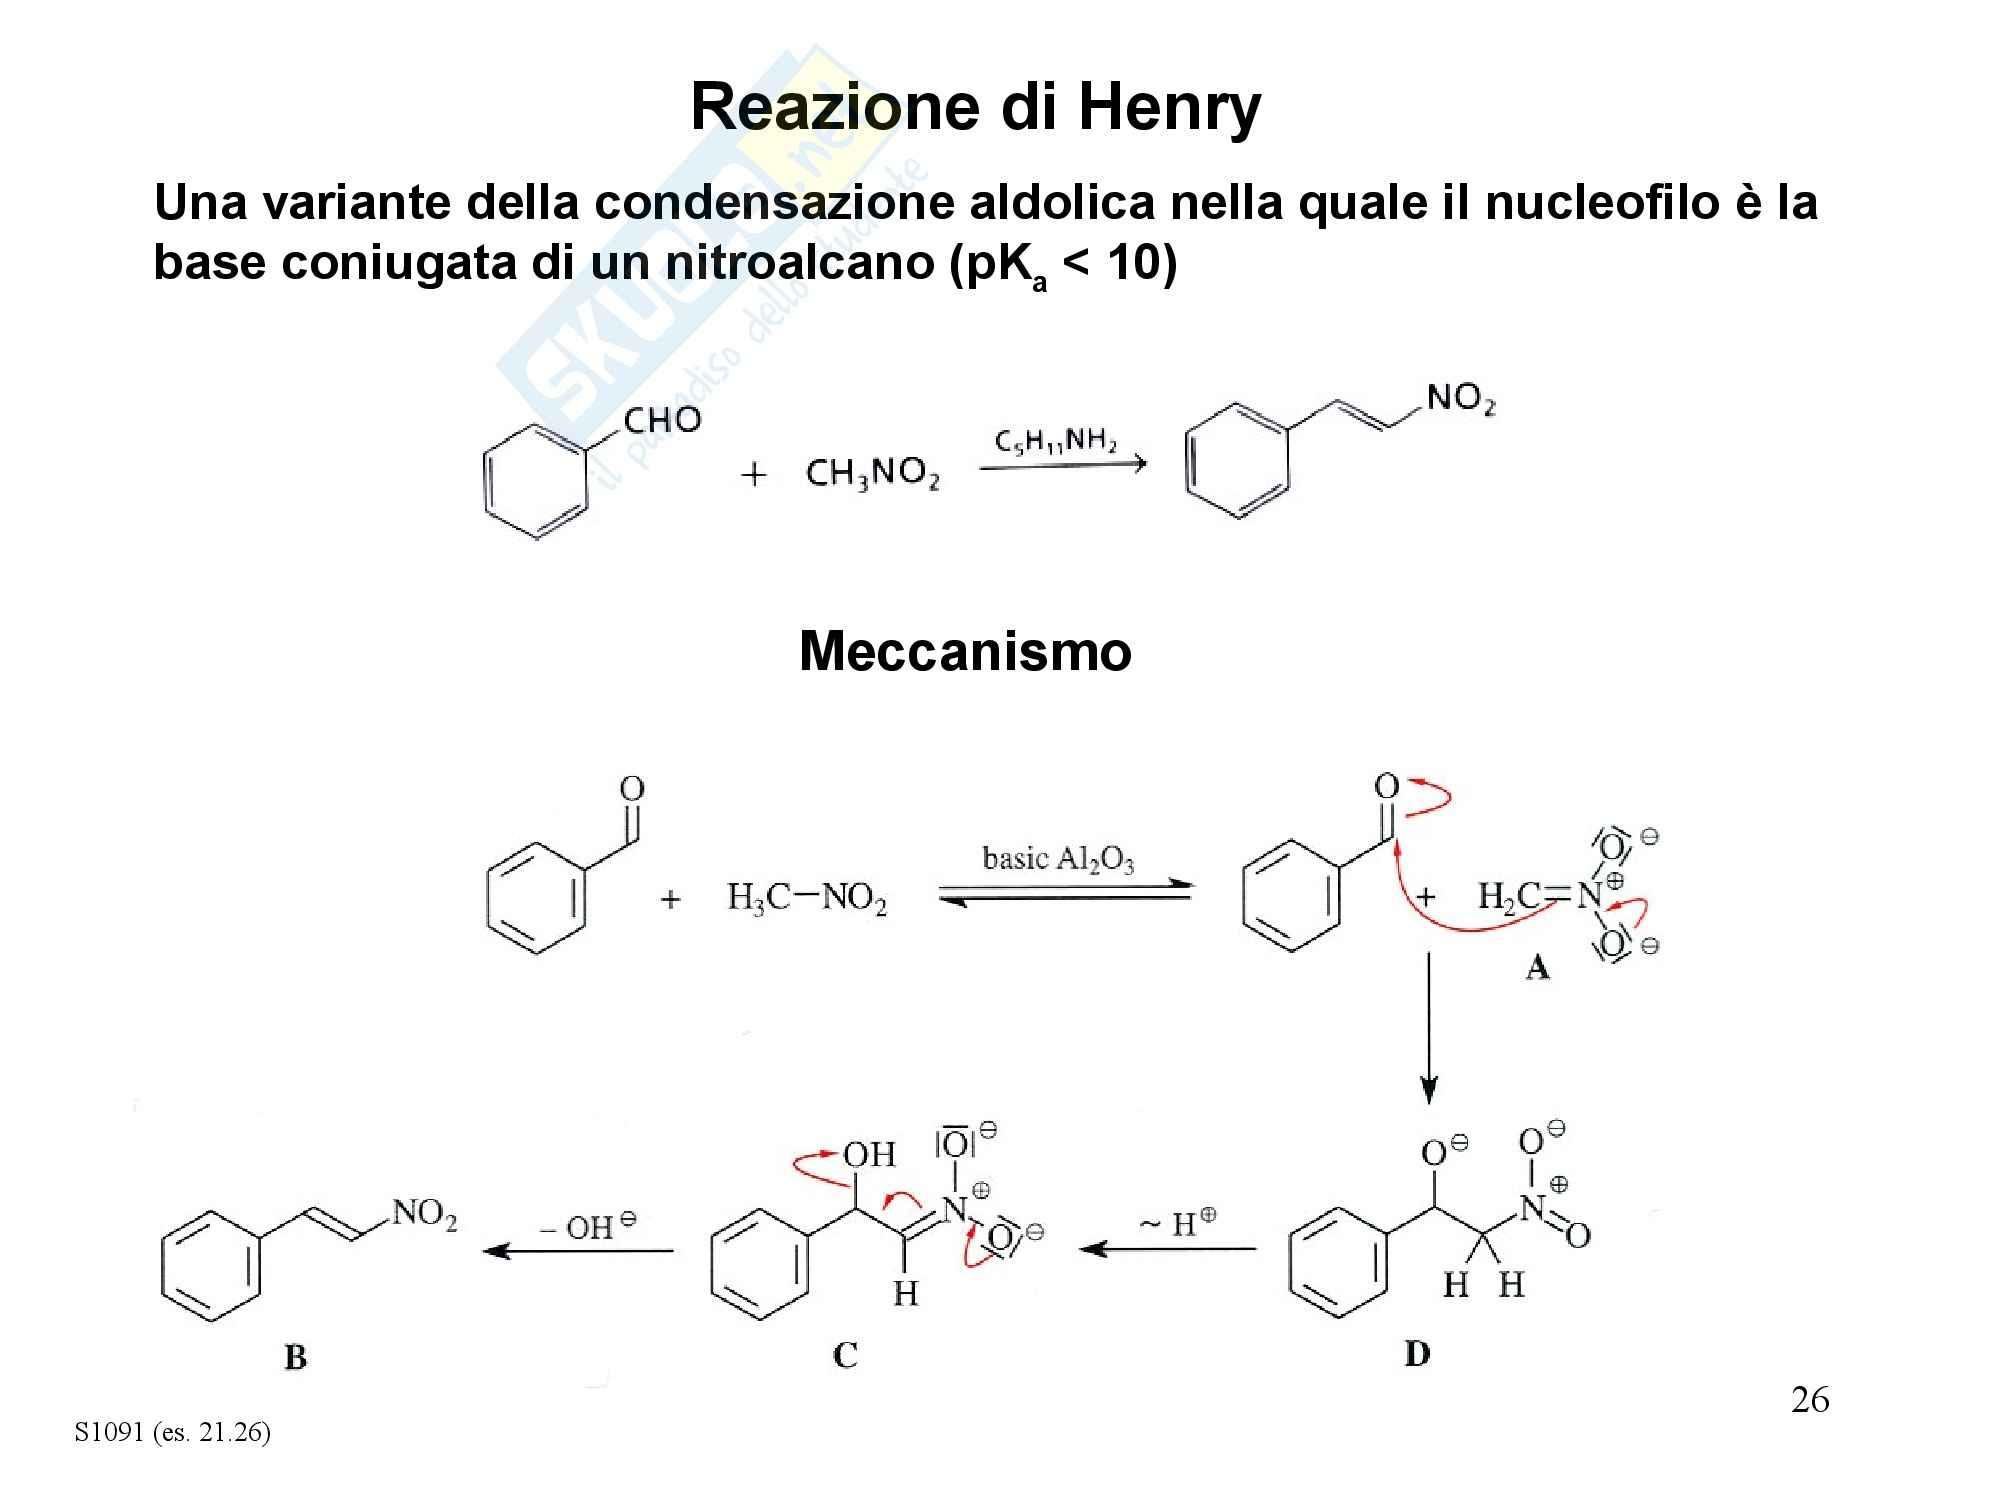 Chimica organica - condensazione di Claisen Pag. 26